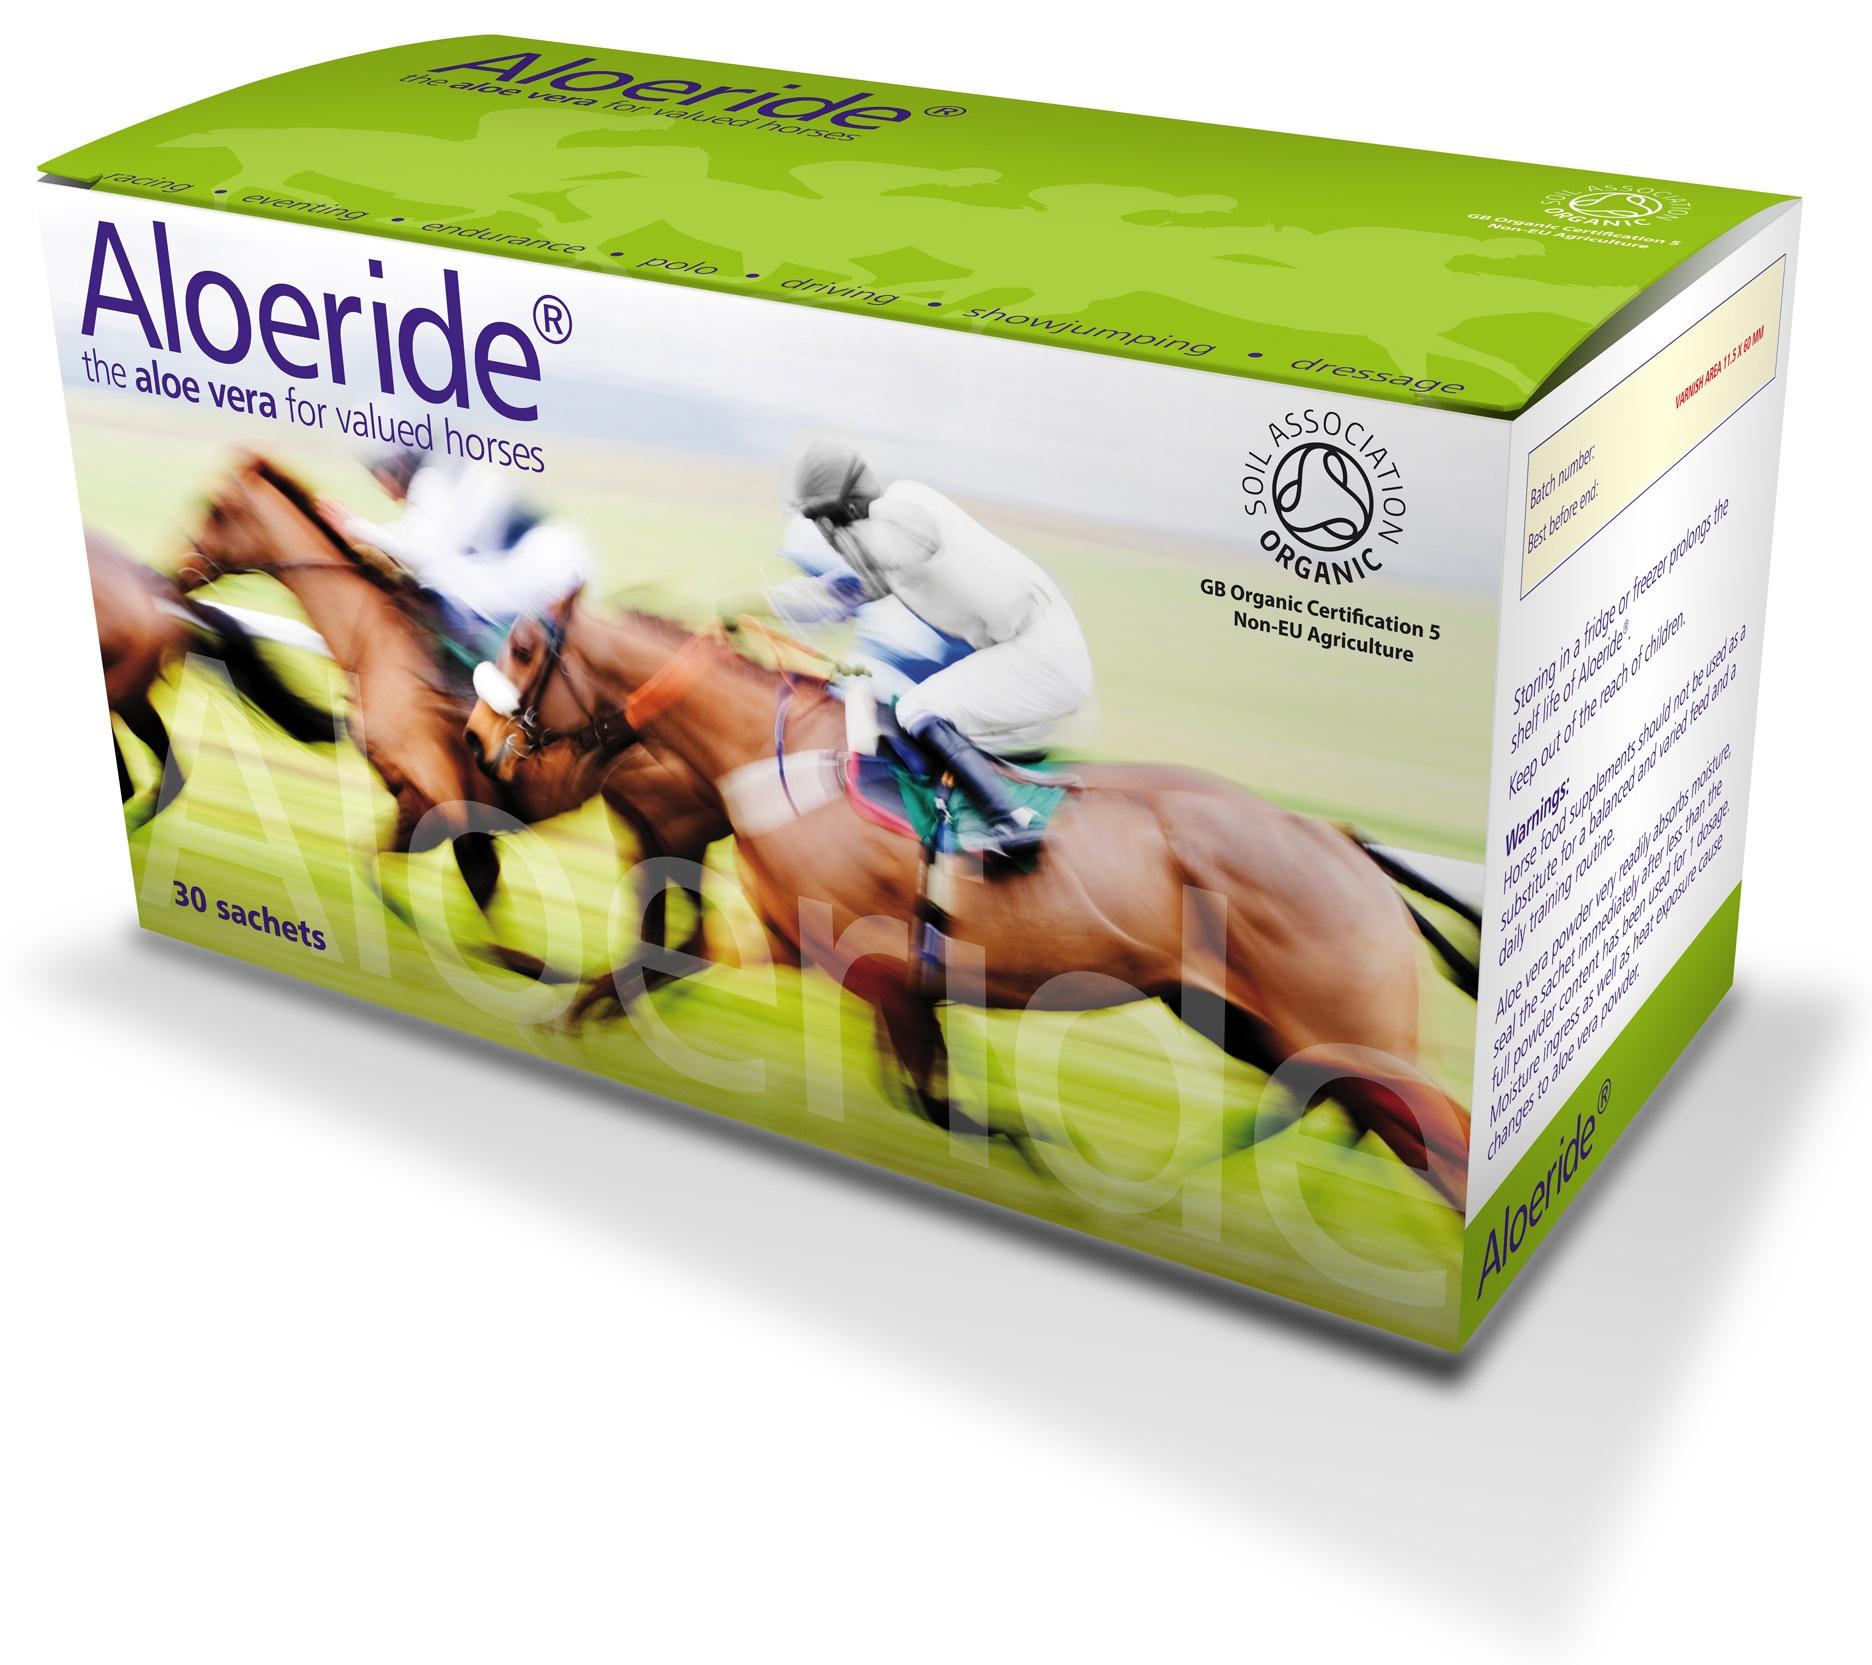 Aloeride